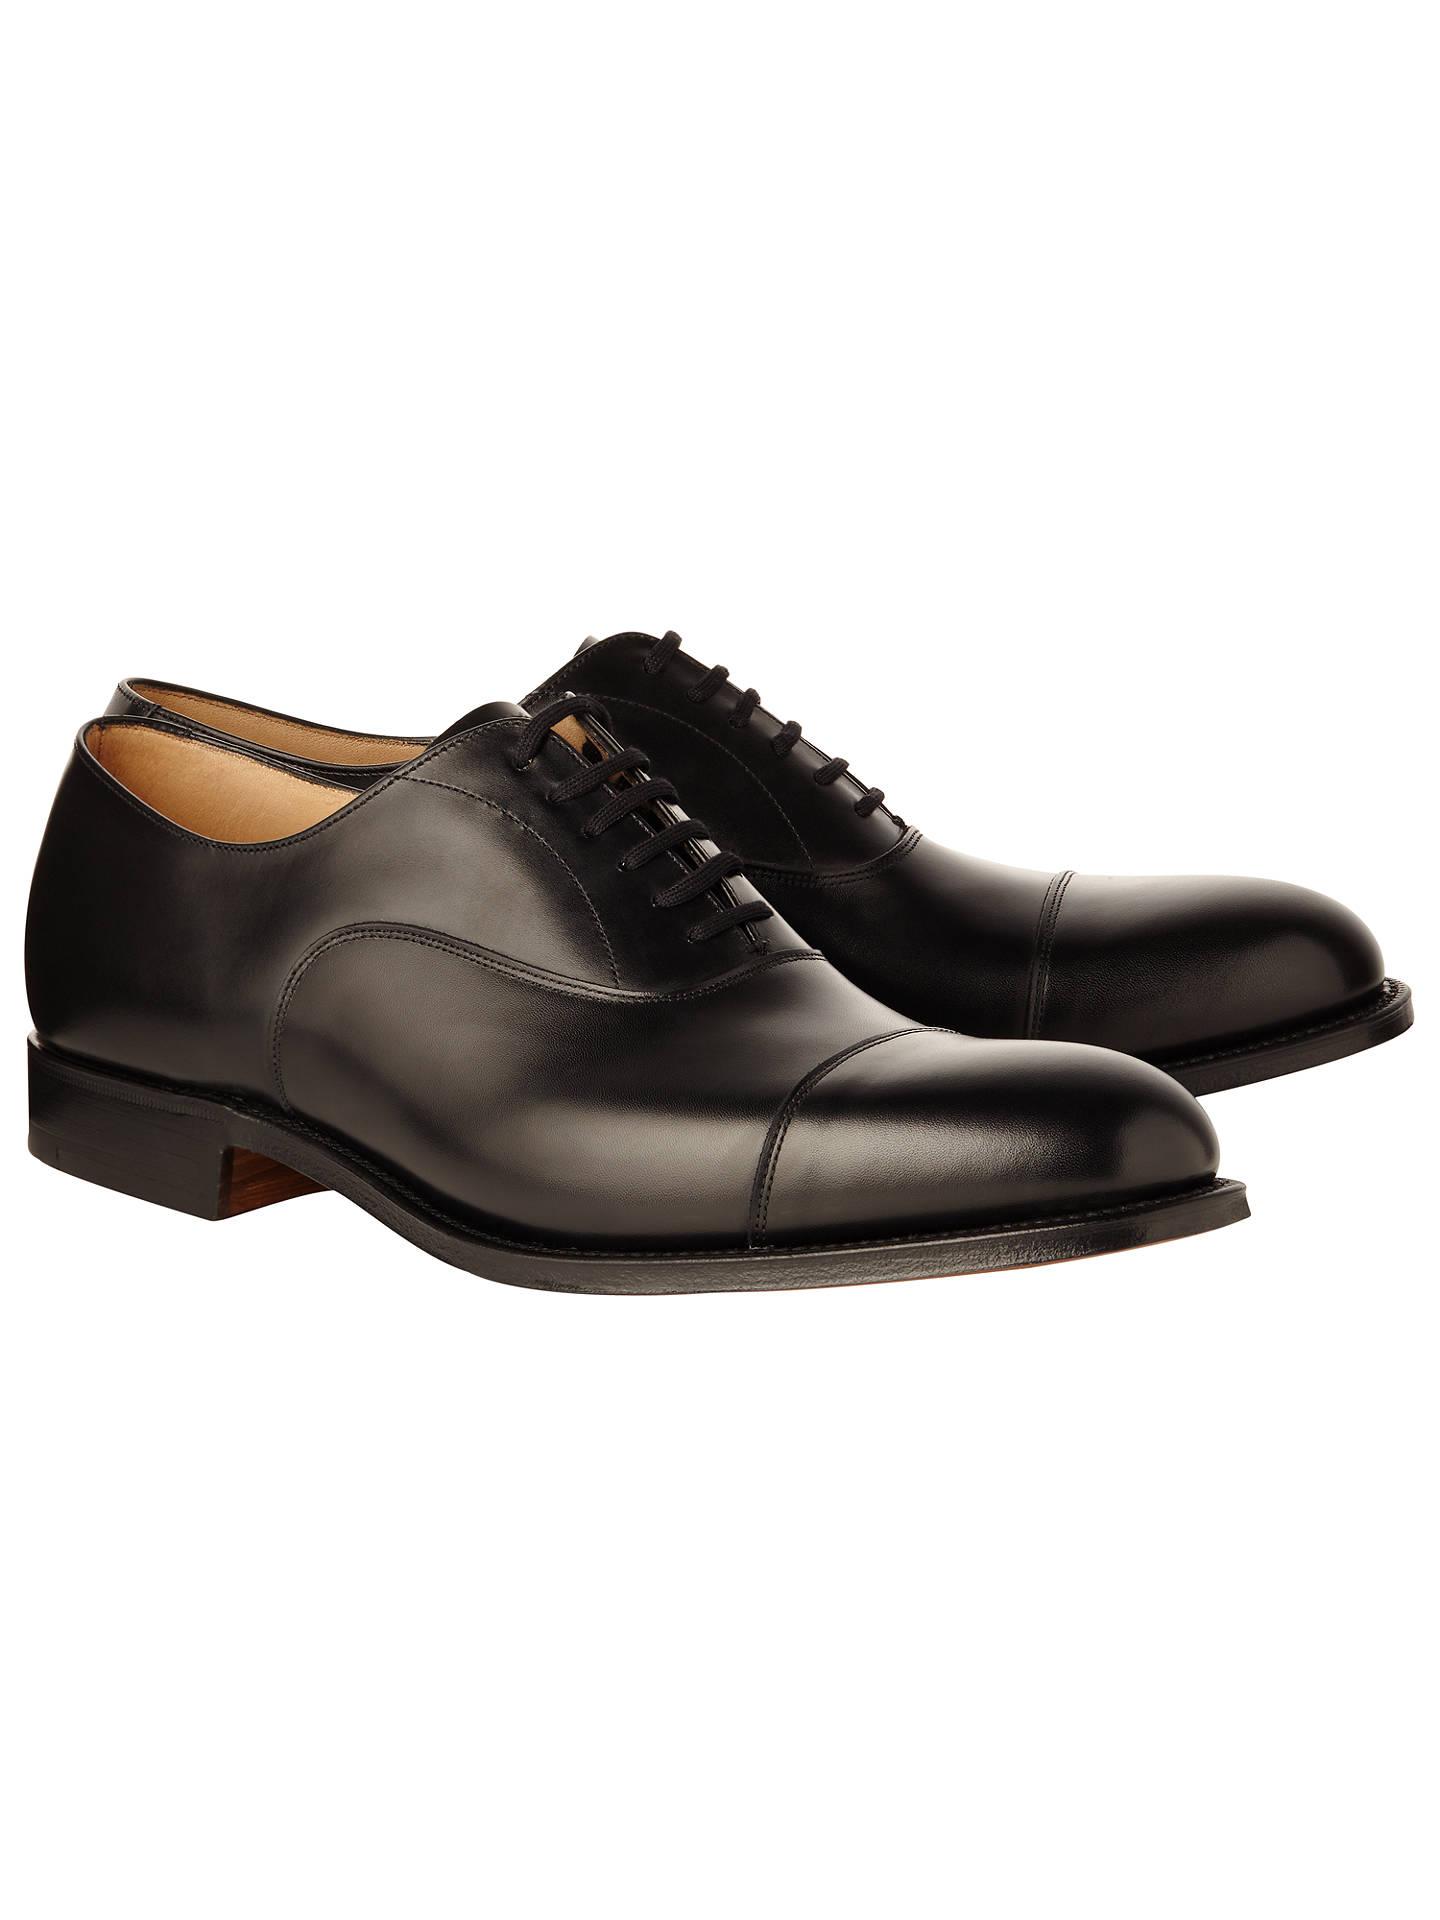 16996ce8e148 ... Buy Church s Dubai Leather Oxford Shoes